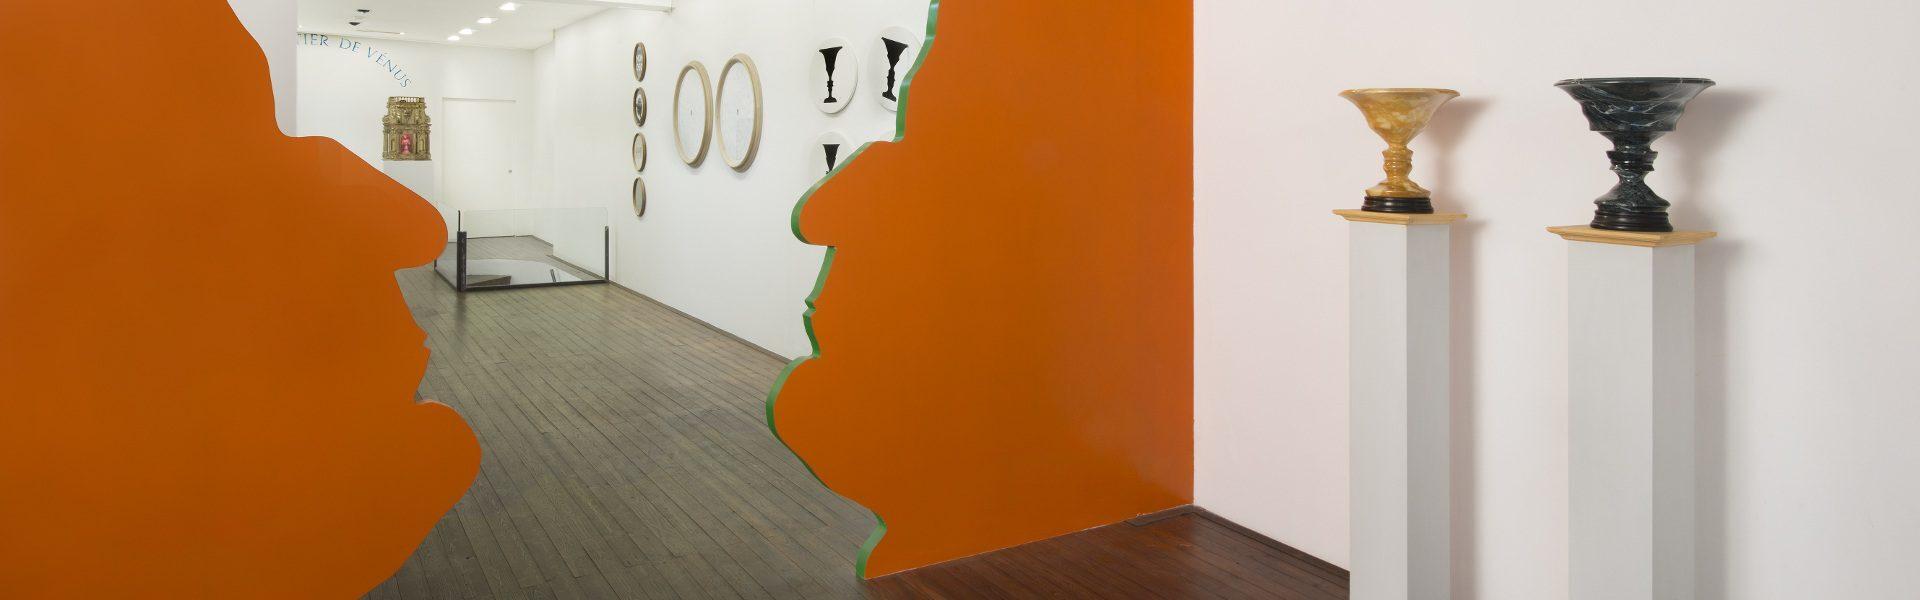 Luca Maria Patella, NON OSO : OSO NON essere, 2017, galleria Il Ponte, Firenze_h